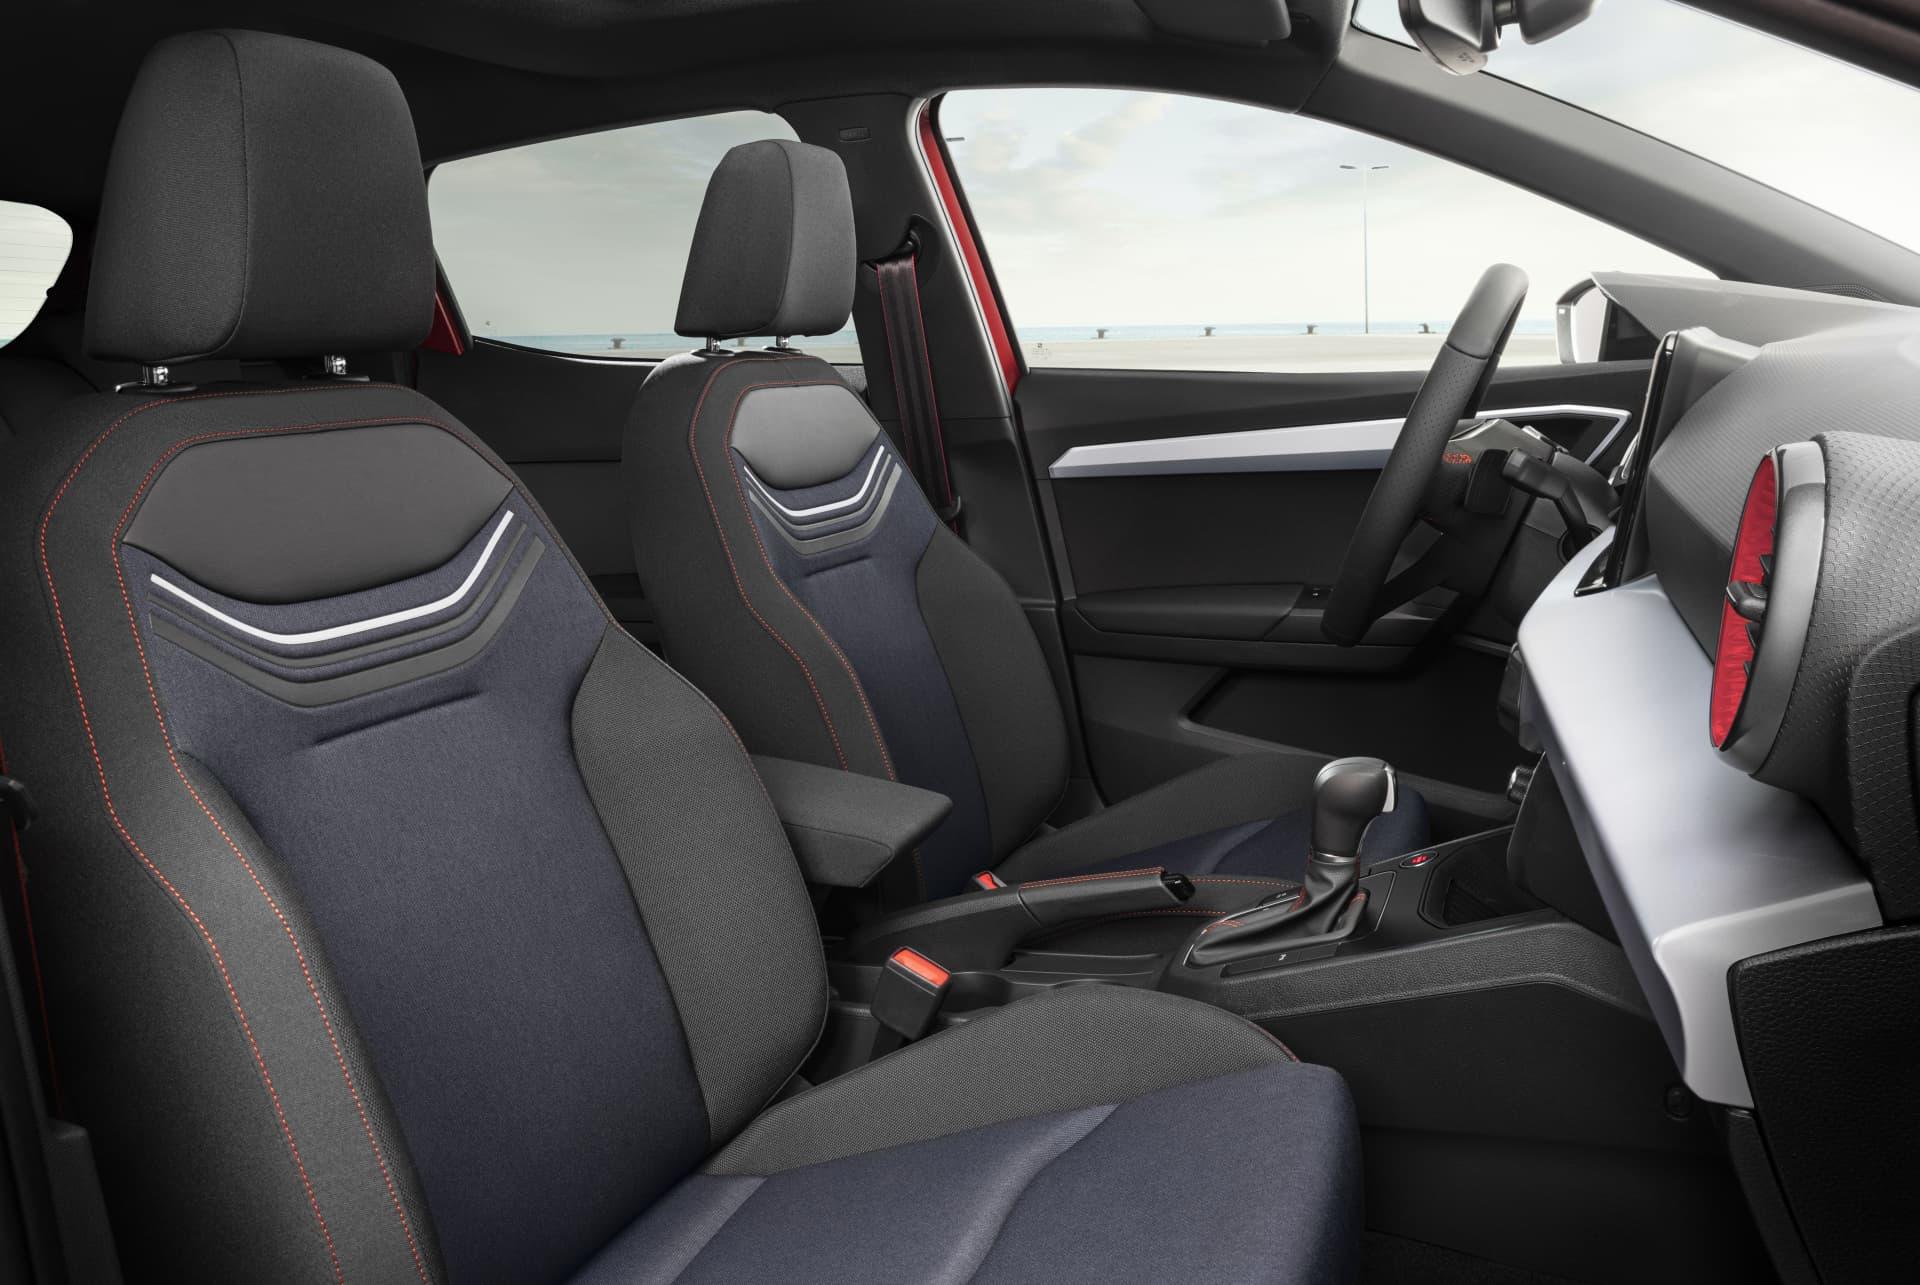 Seat Ibiza 2021 Precios Inteior 01 Asientos Plazas Delanteras